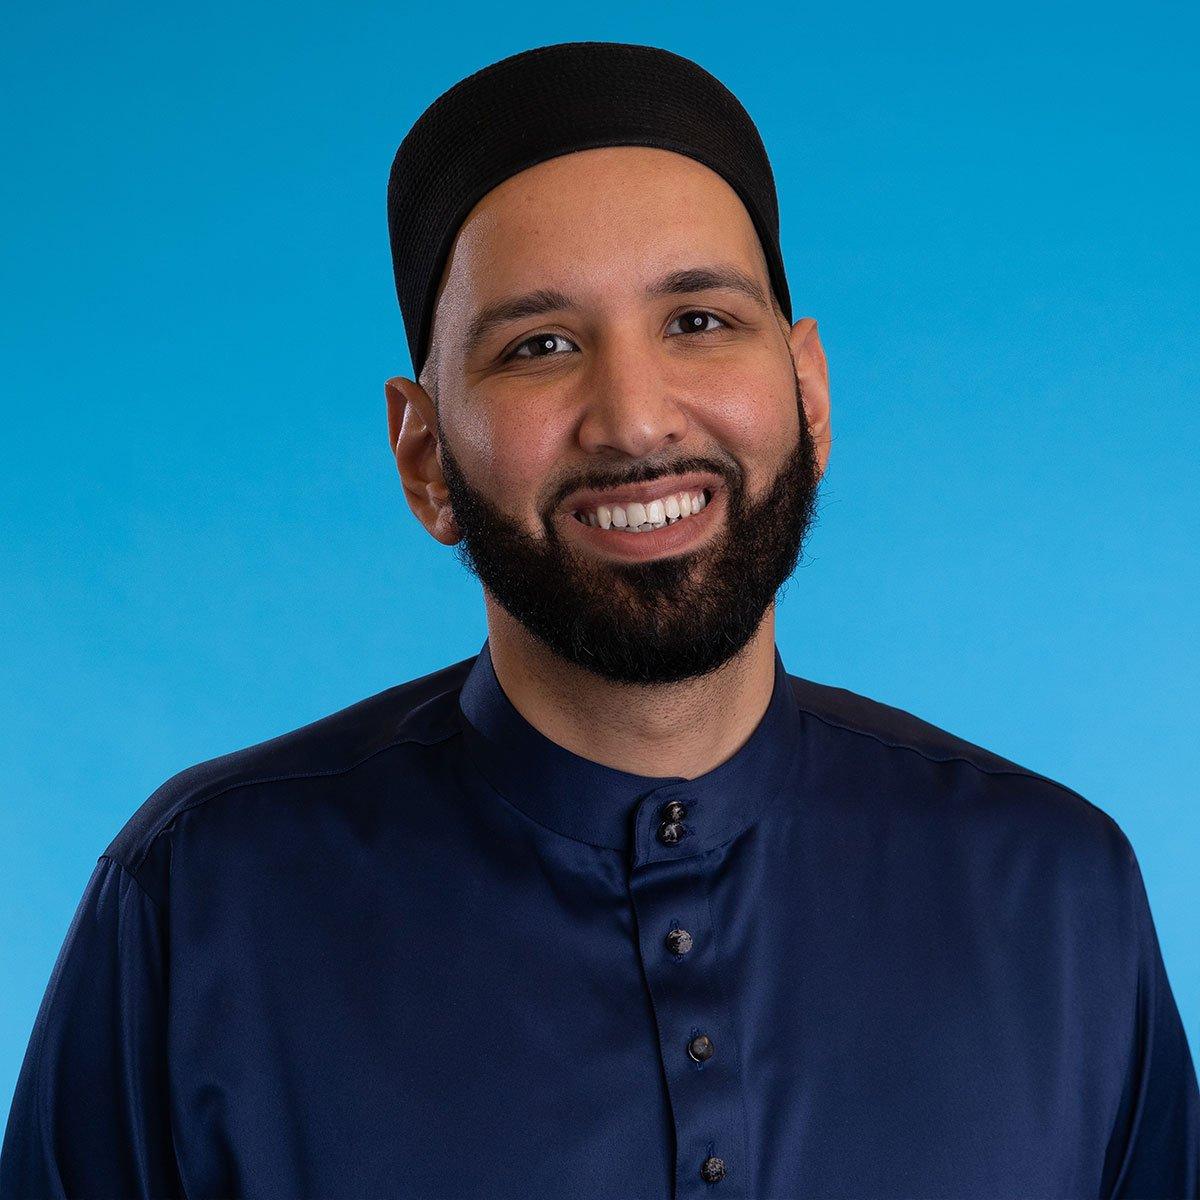 Dr. Omar Suleiman - Author #1